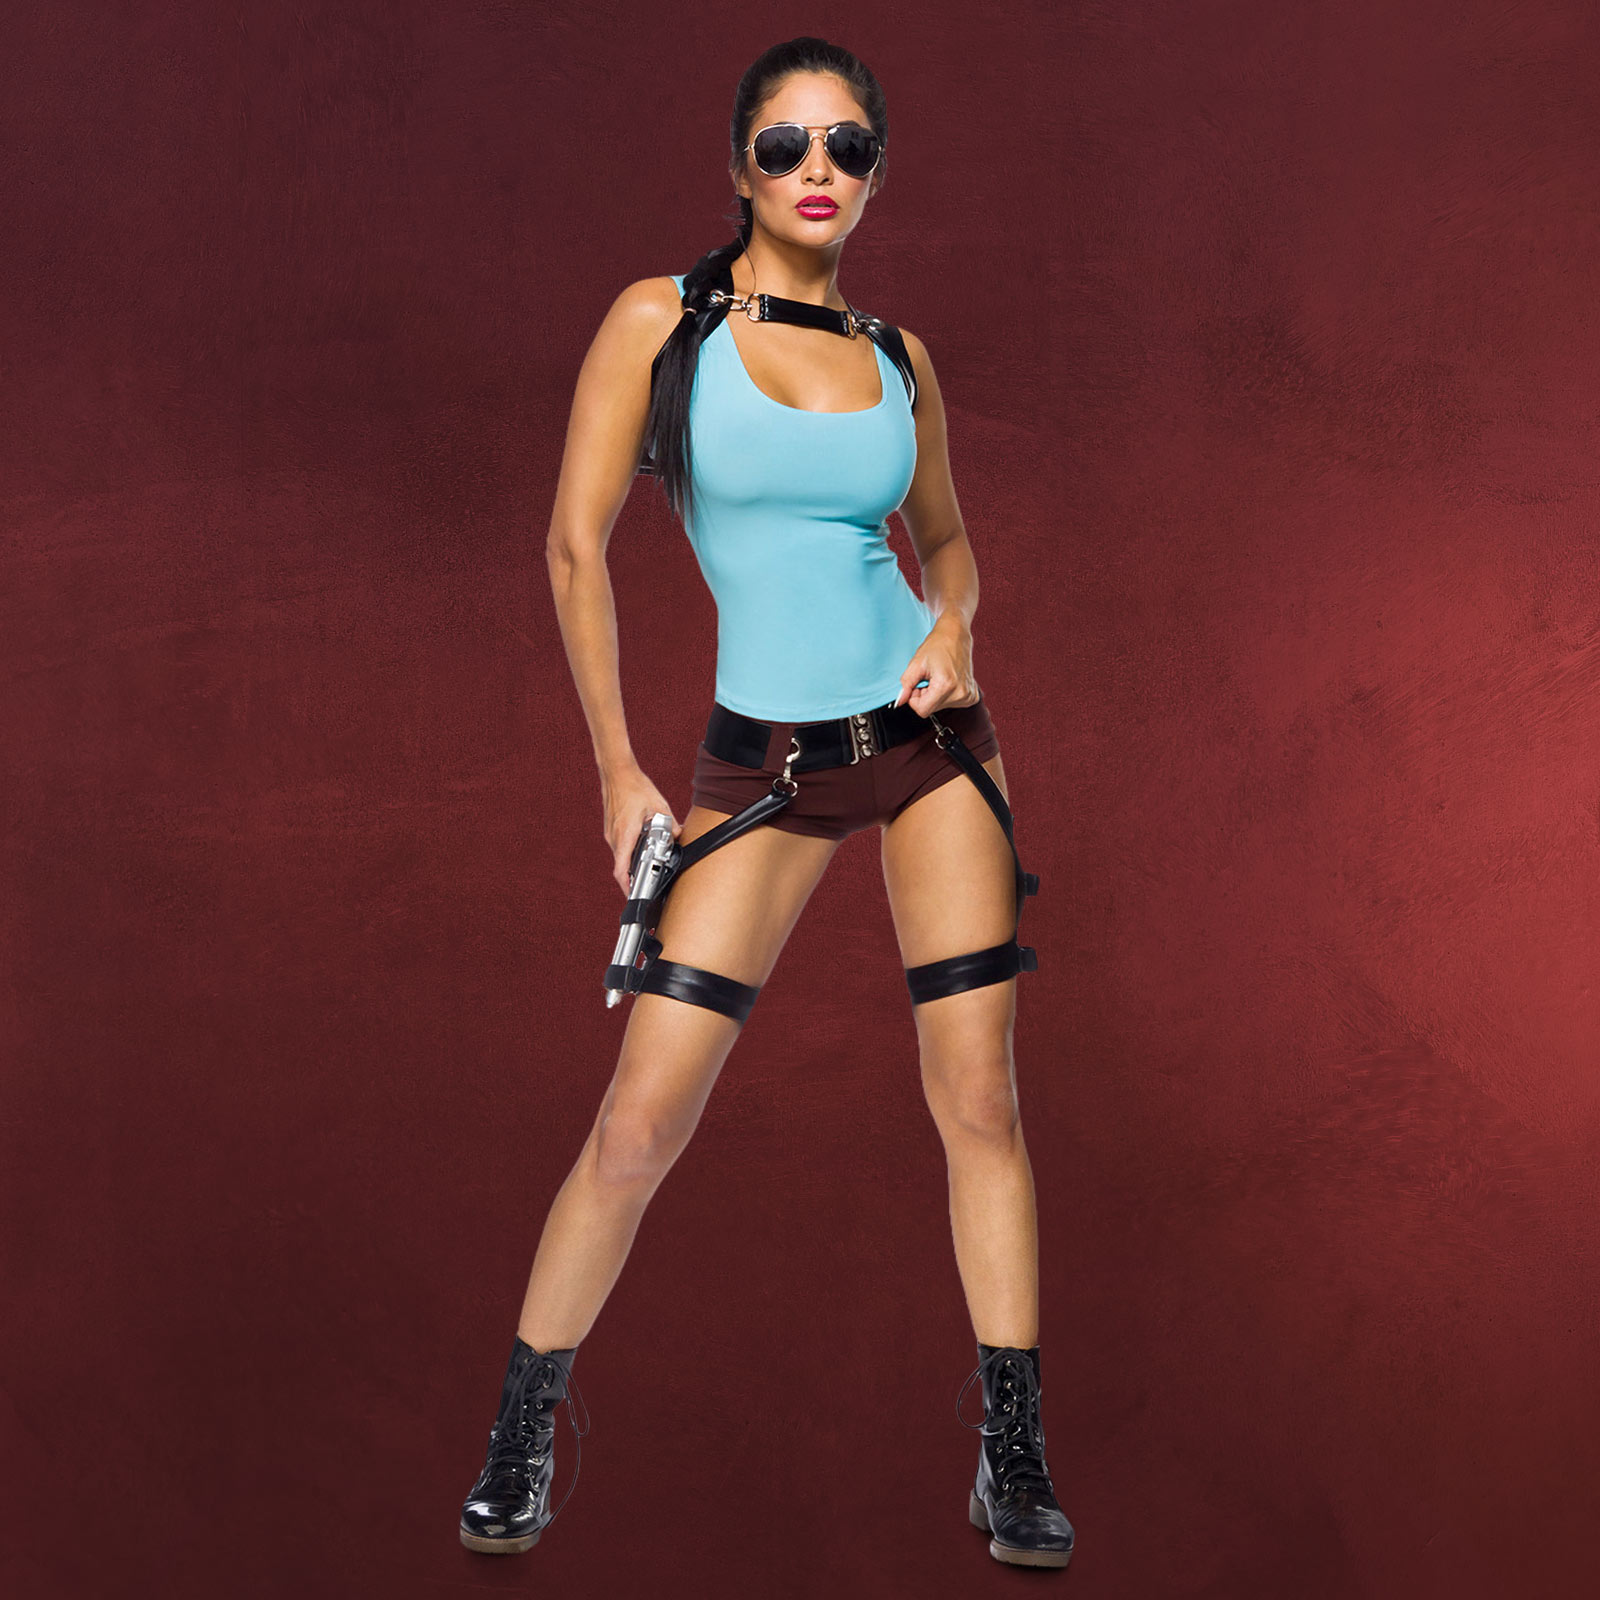 Action Girl Damen Kostüm Für Tomb Raider Fans Elbenwald